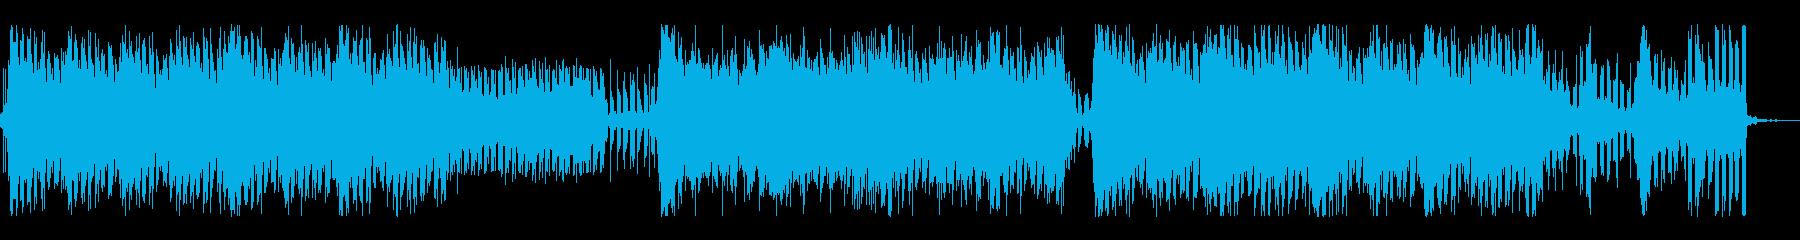 謎解き_解説の再生済みの波形